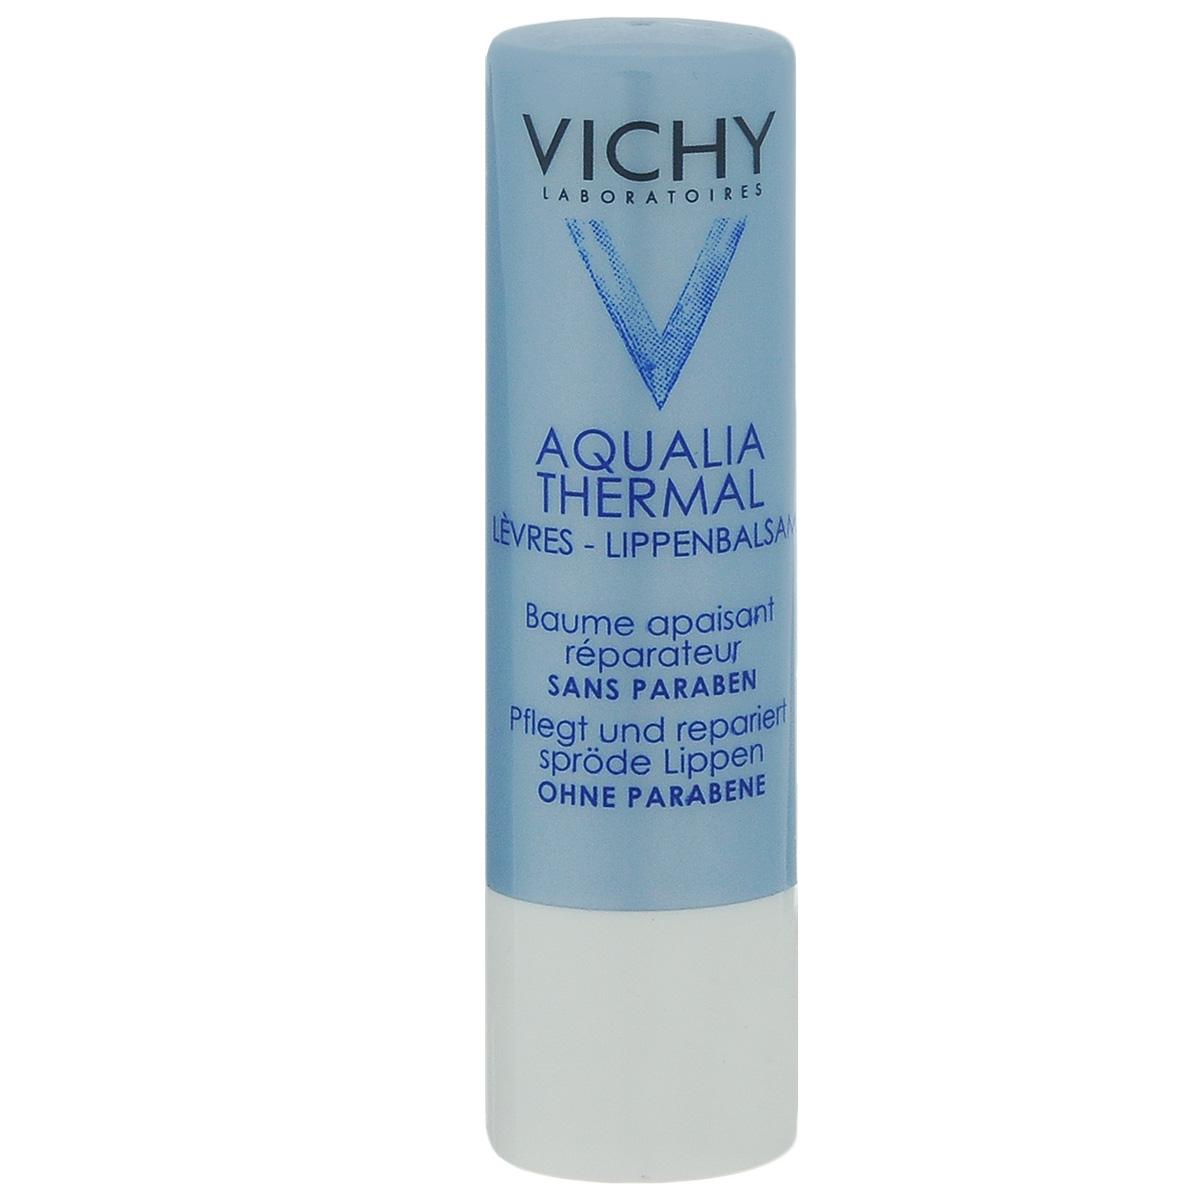 Vichy Aqualia Thermal Увлажняющий и восстанавливающий бальзам для губ Aqualia Thermal, 5 млM3558000Ультразащитная формула длительного действия позволяет бережно и деликатно ухаживать за сухой, потрескавшейся кожей губ. Губы отлично увлажнены, они становятся нежными и мягкими.